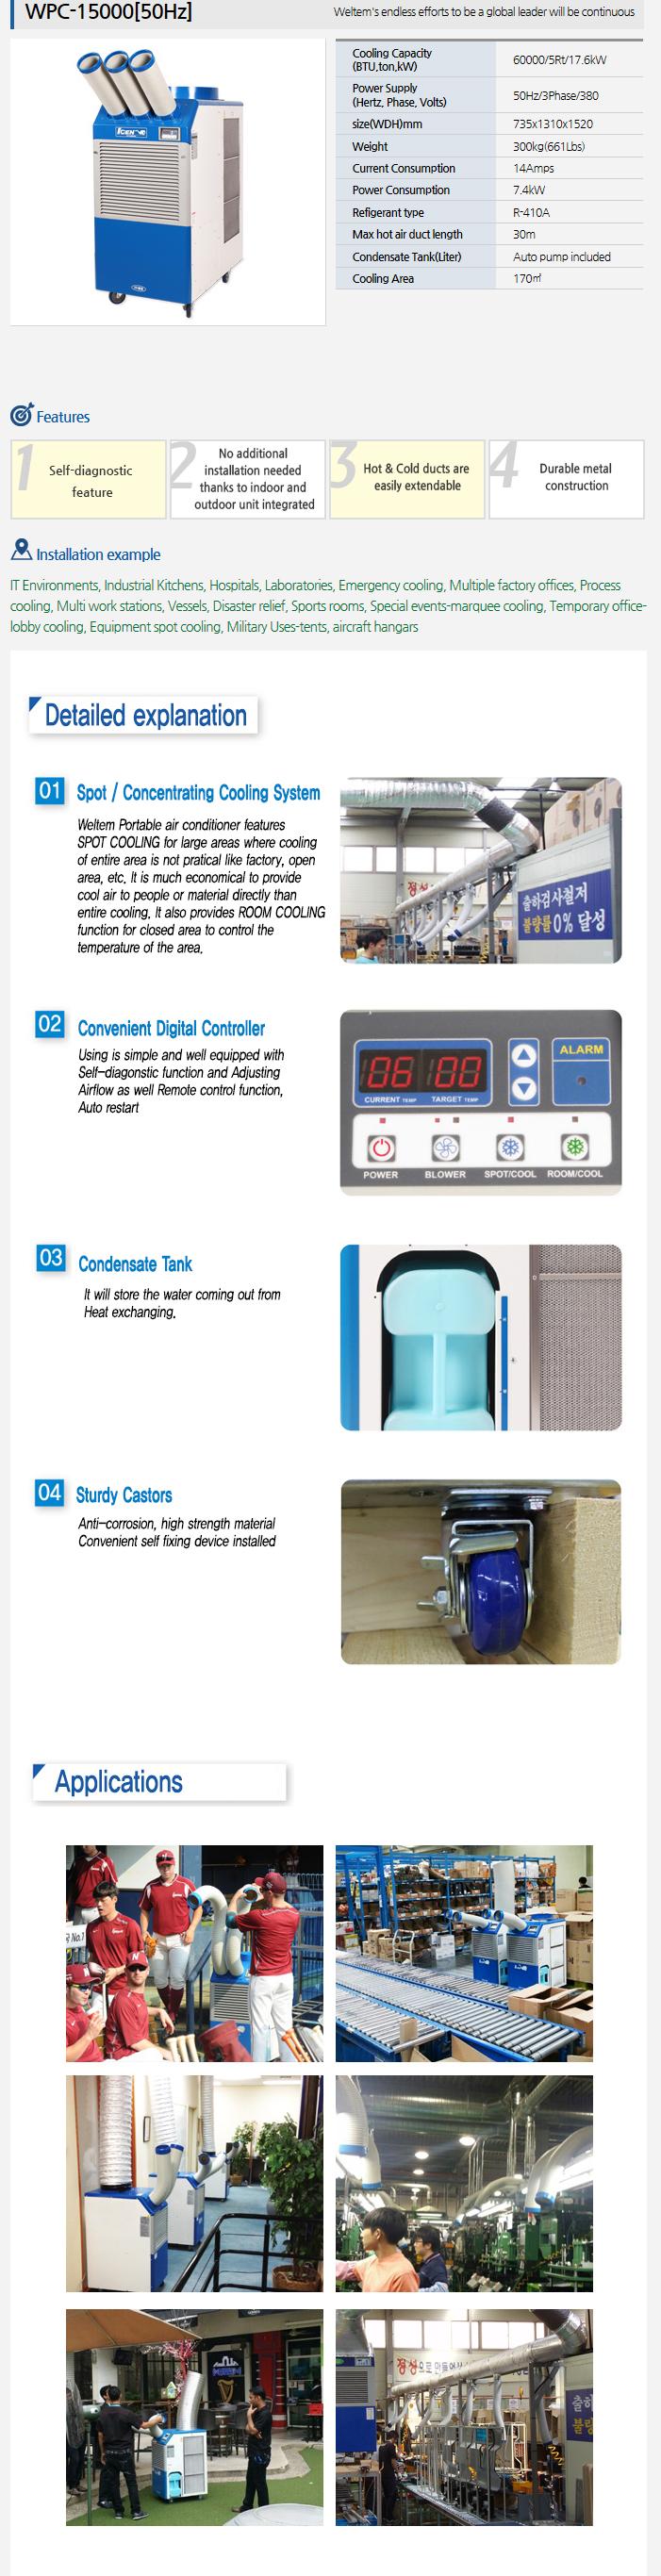 WELTEM Portable A/C (50Hz) WPC-15000